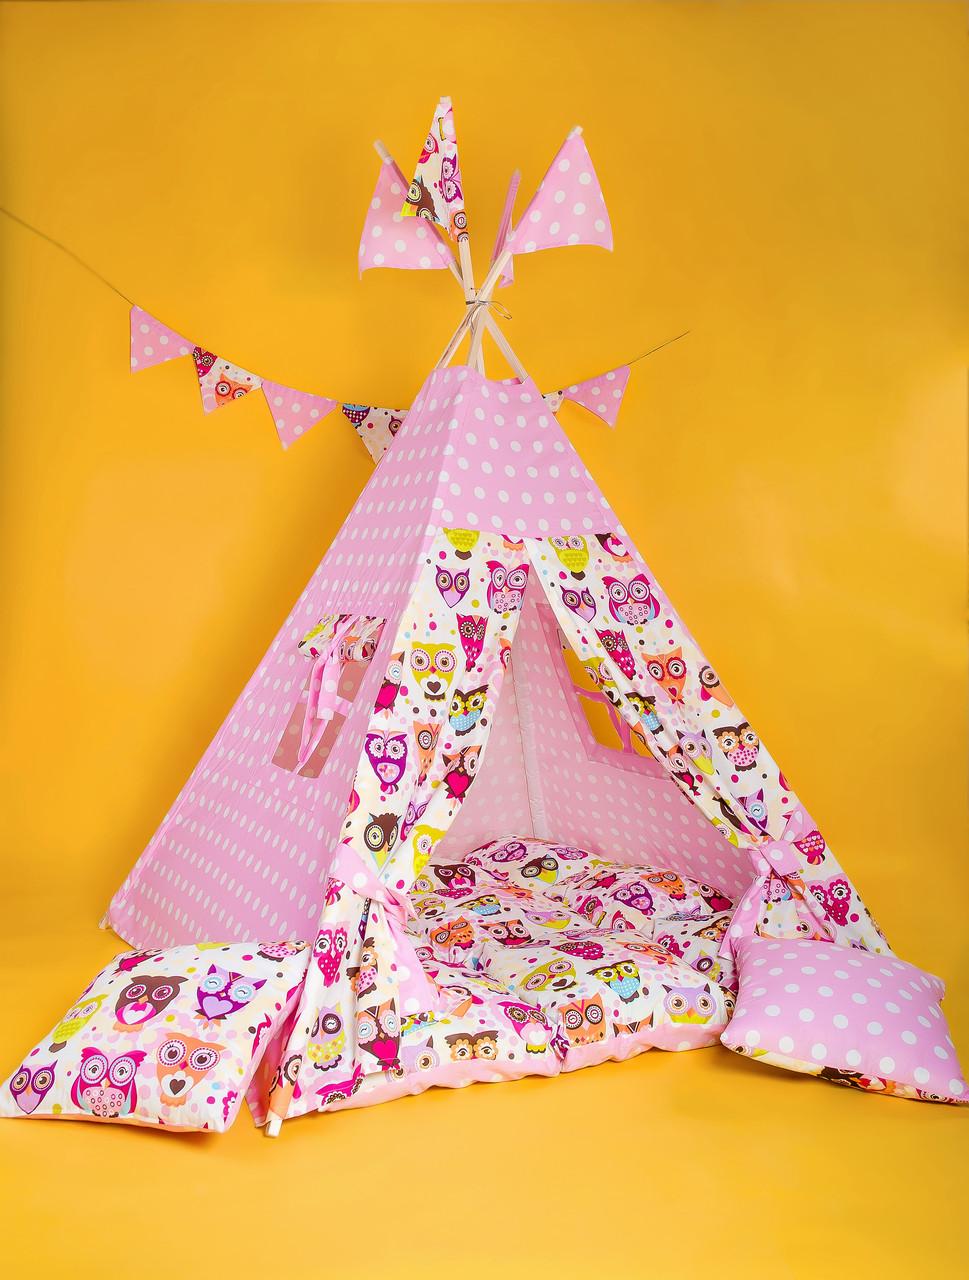 Вигвам Индийские совушки. Вигвам детский, детский вигвам, детский домик, детская палатка, вигвам палатка